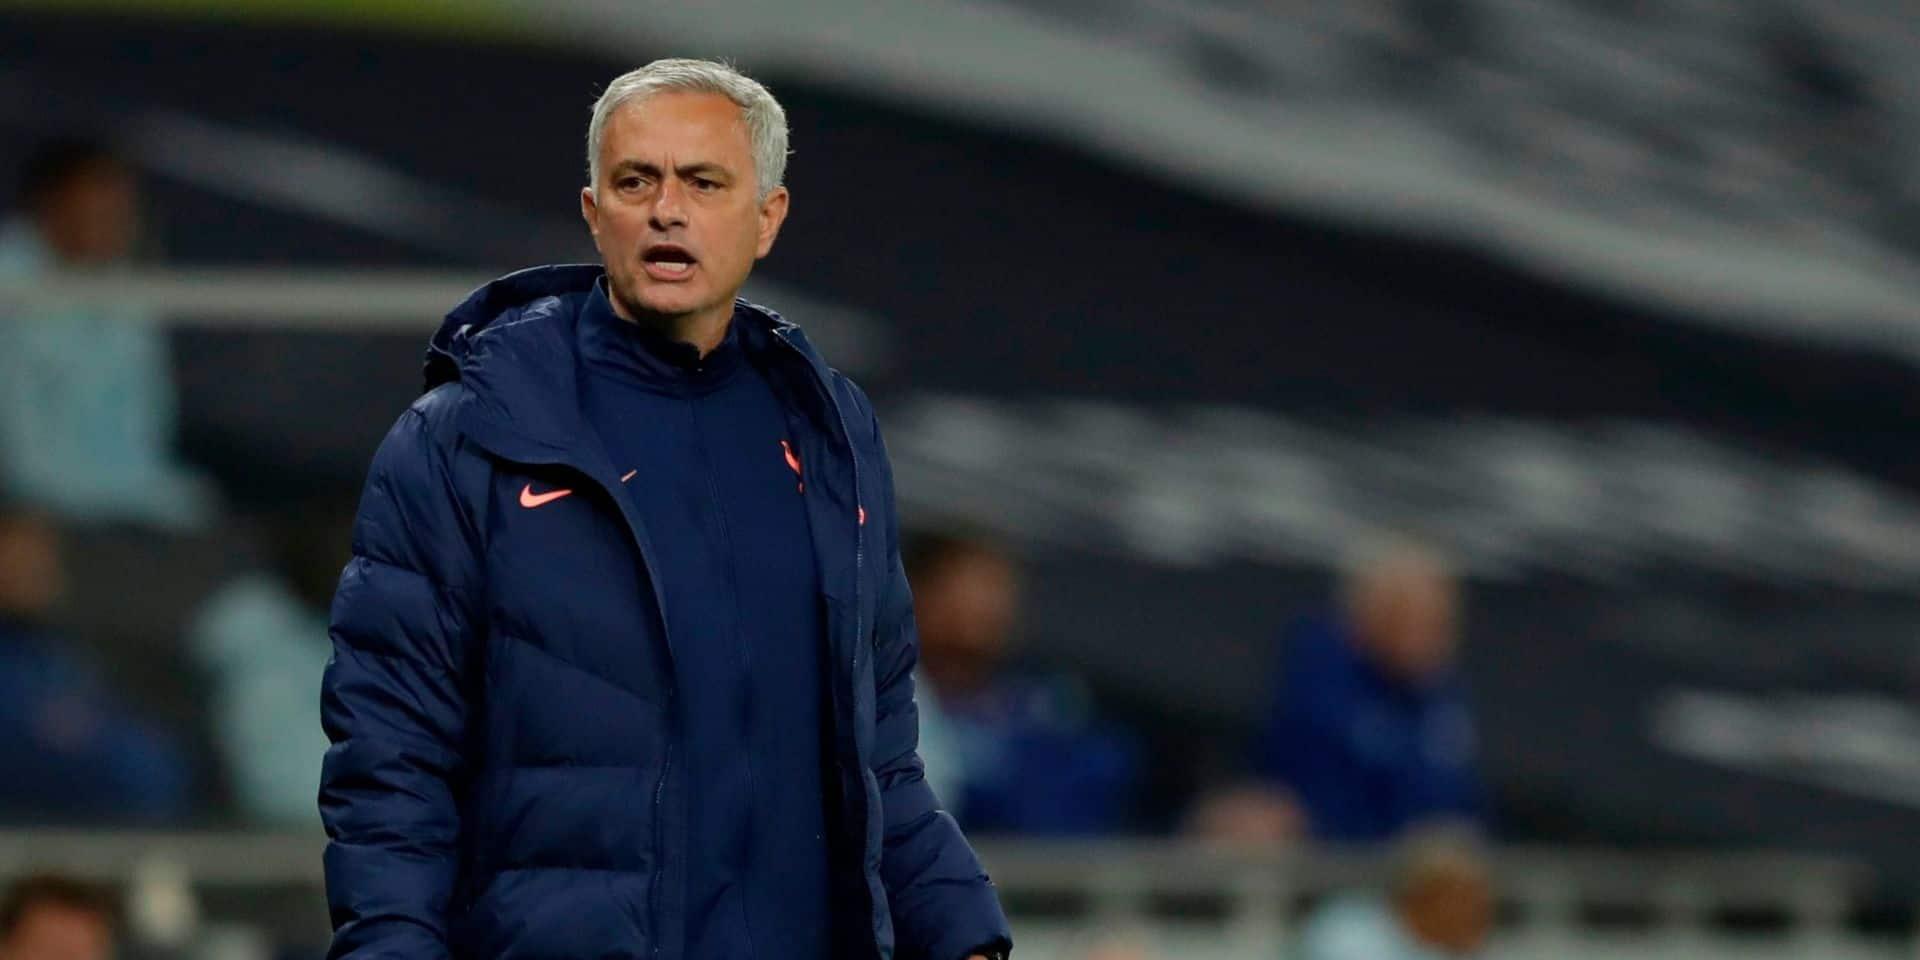 Premier League : José Mourinho, coach d'Alderweireld, appelle les sélectionneurs à épargner ses Spurs